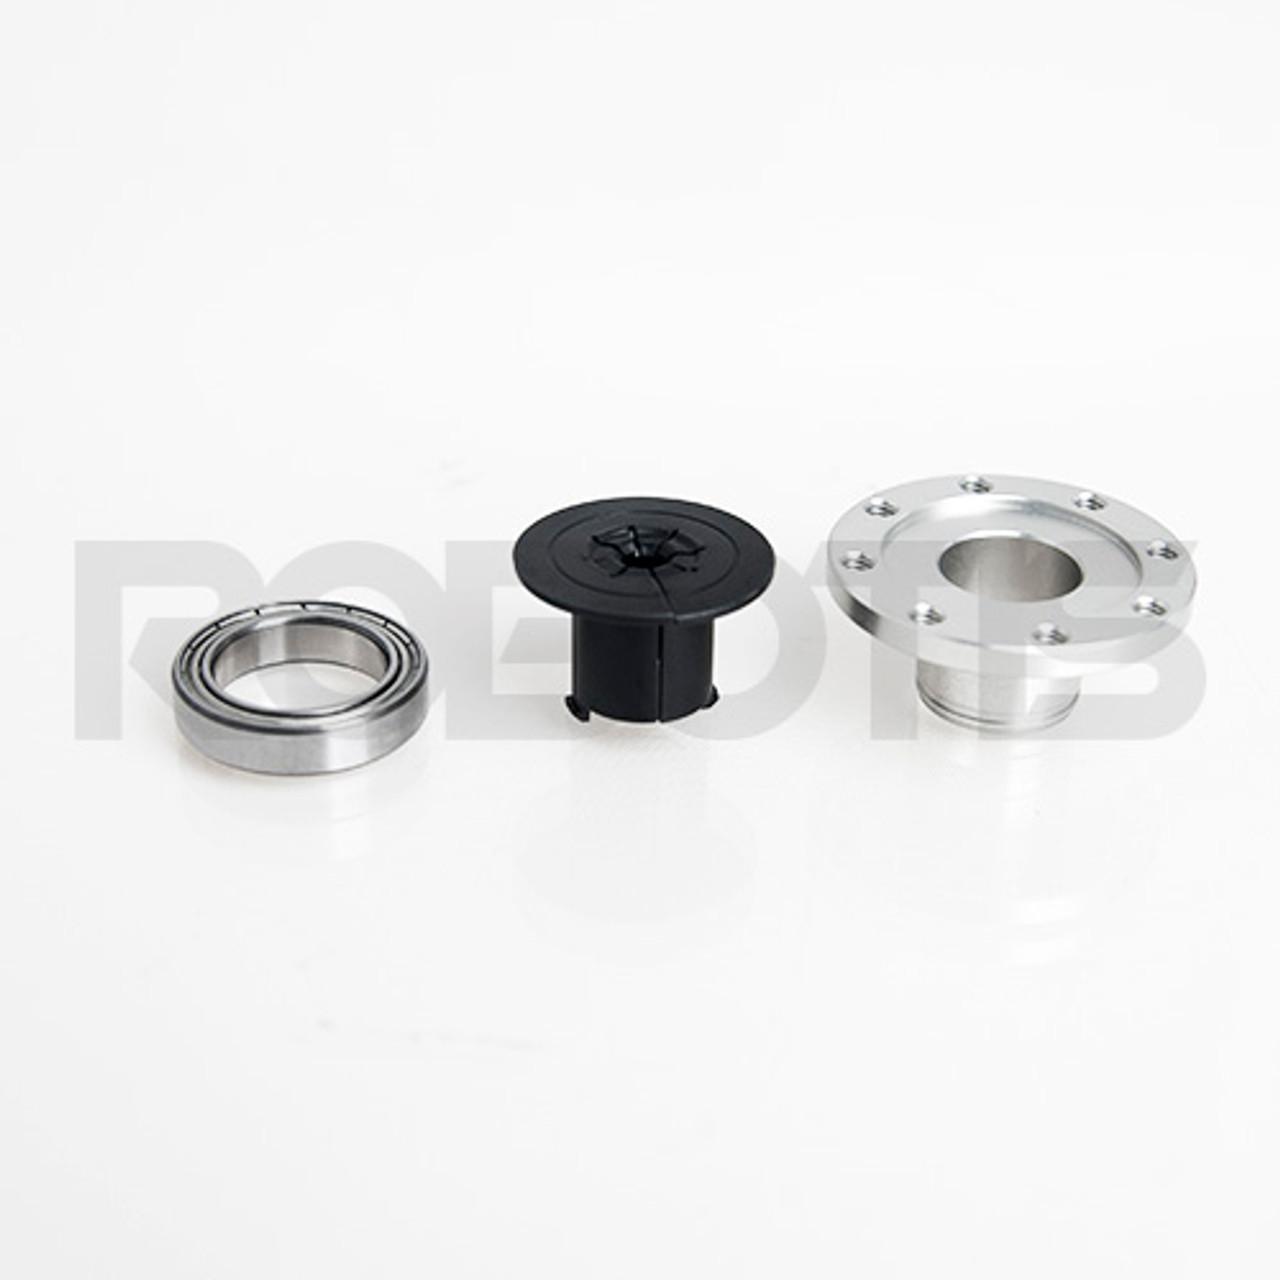 HN13-I101 Set